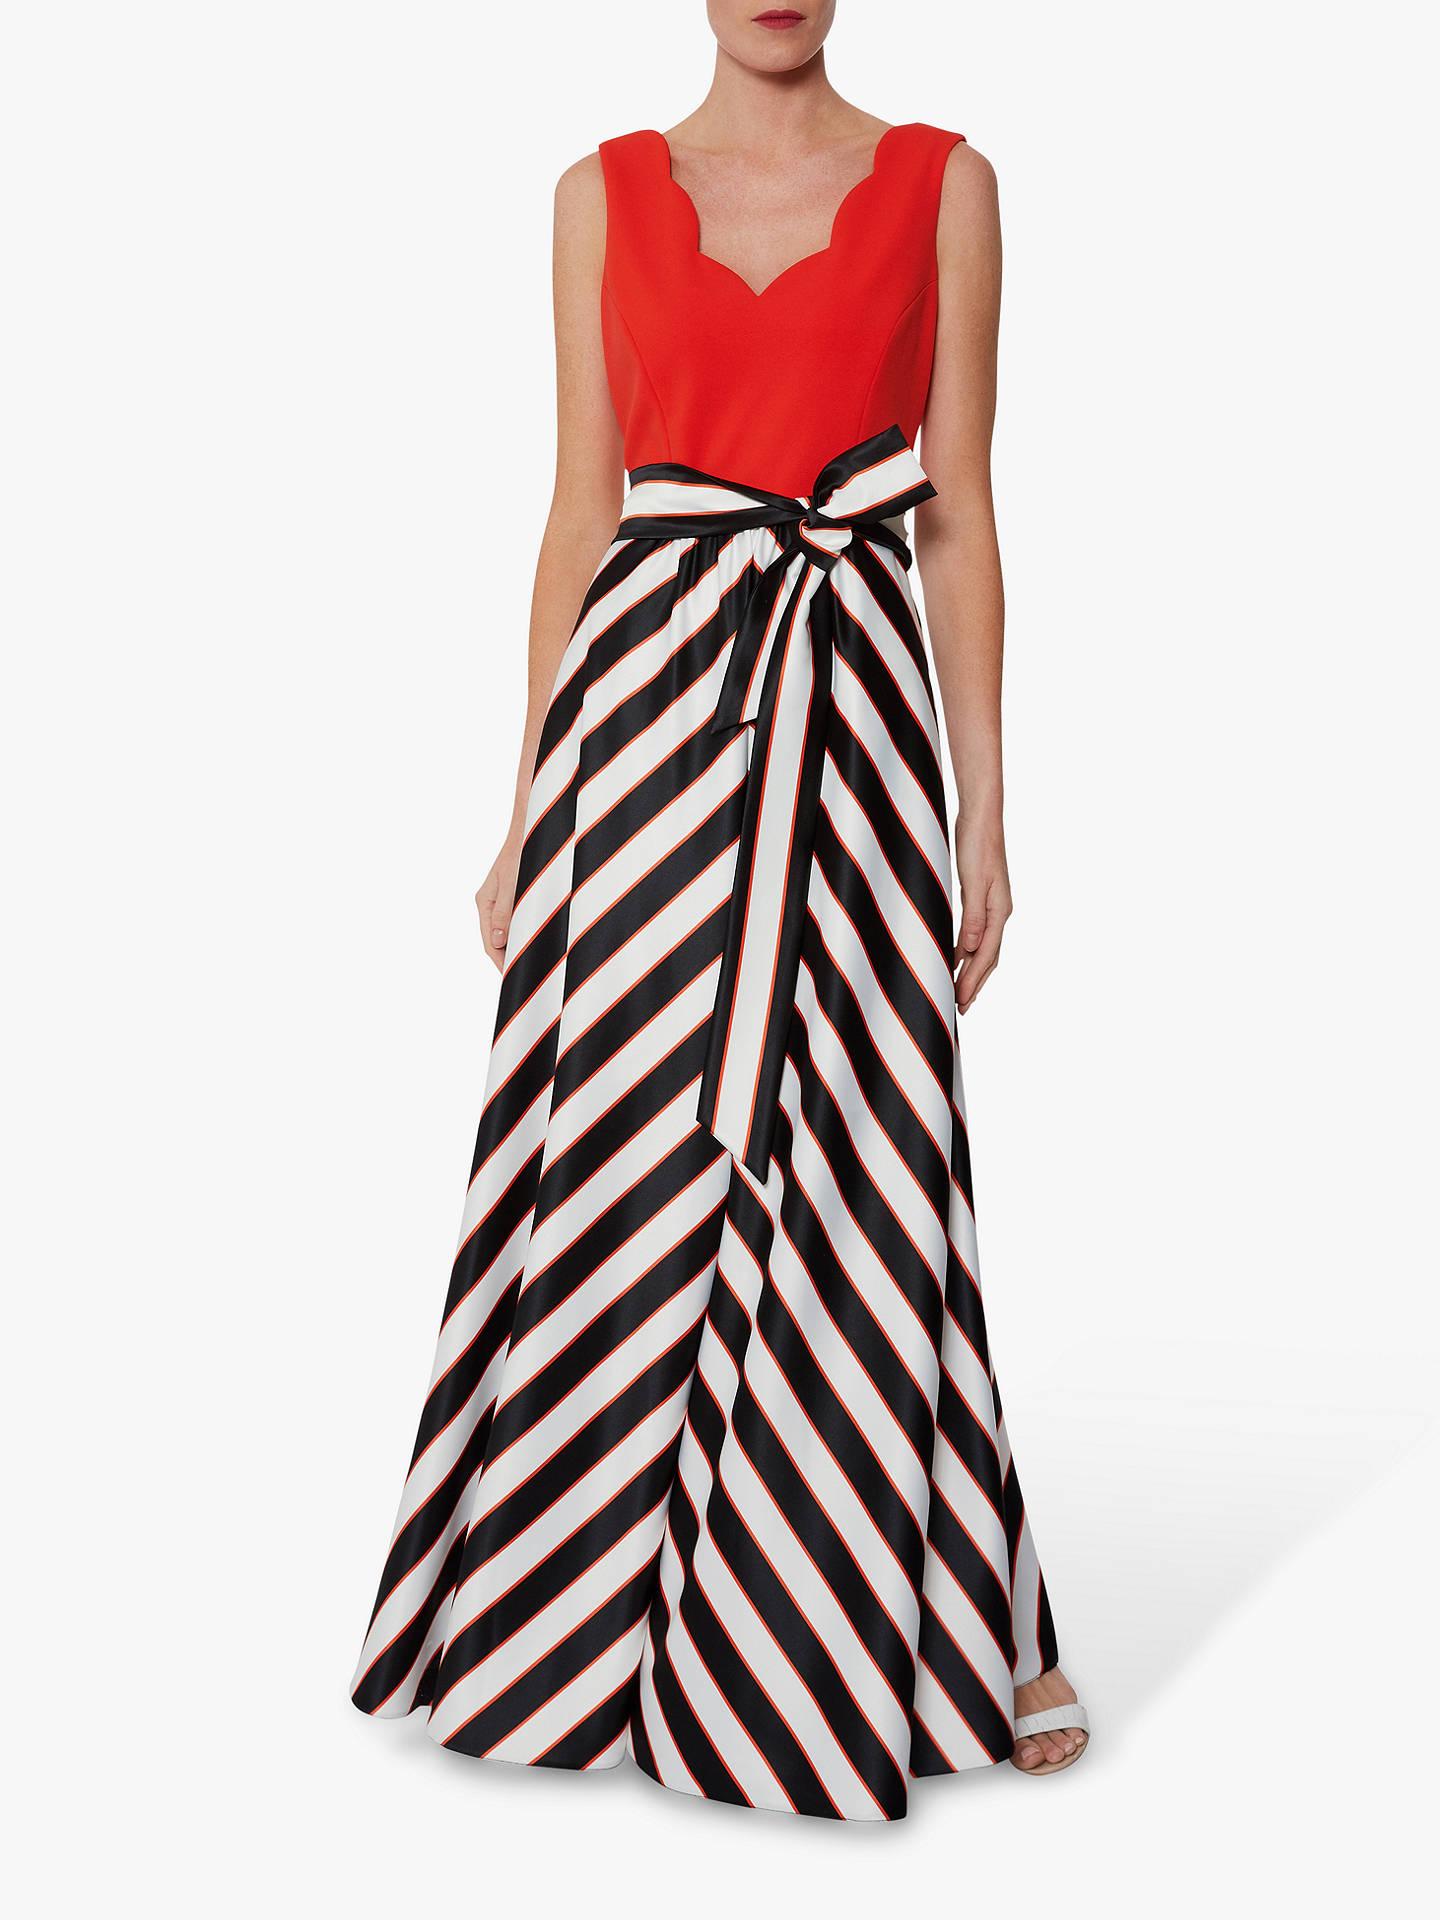 240e450b4d1 Gina Bacconi Tiegan Satin Dress at John Lewis   Partners